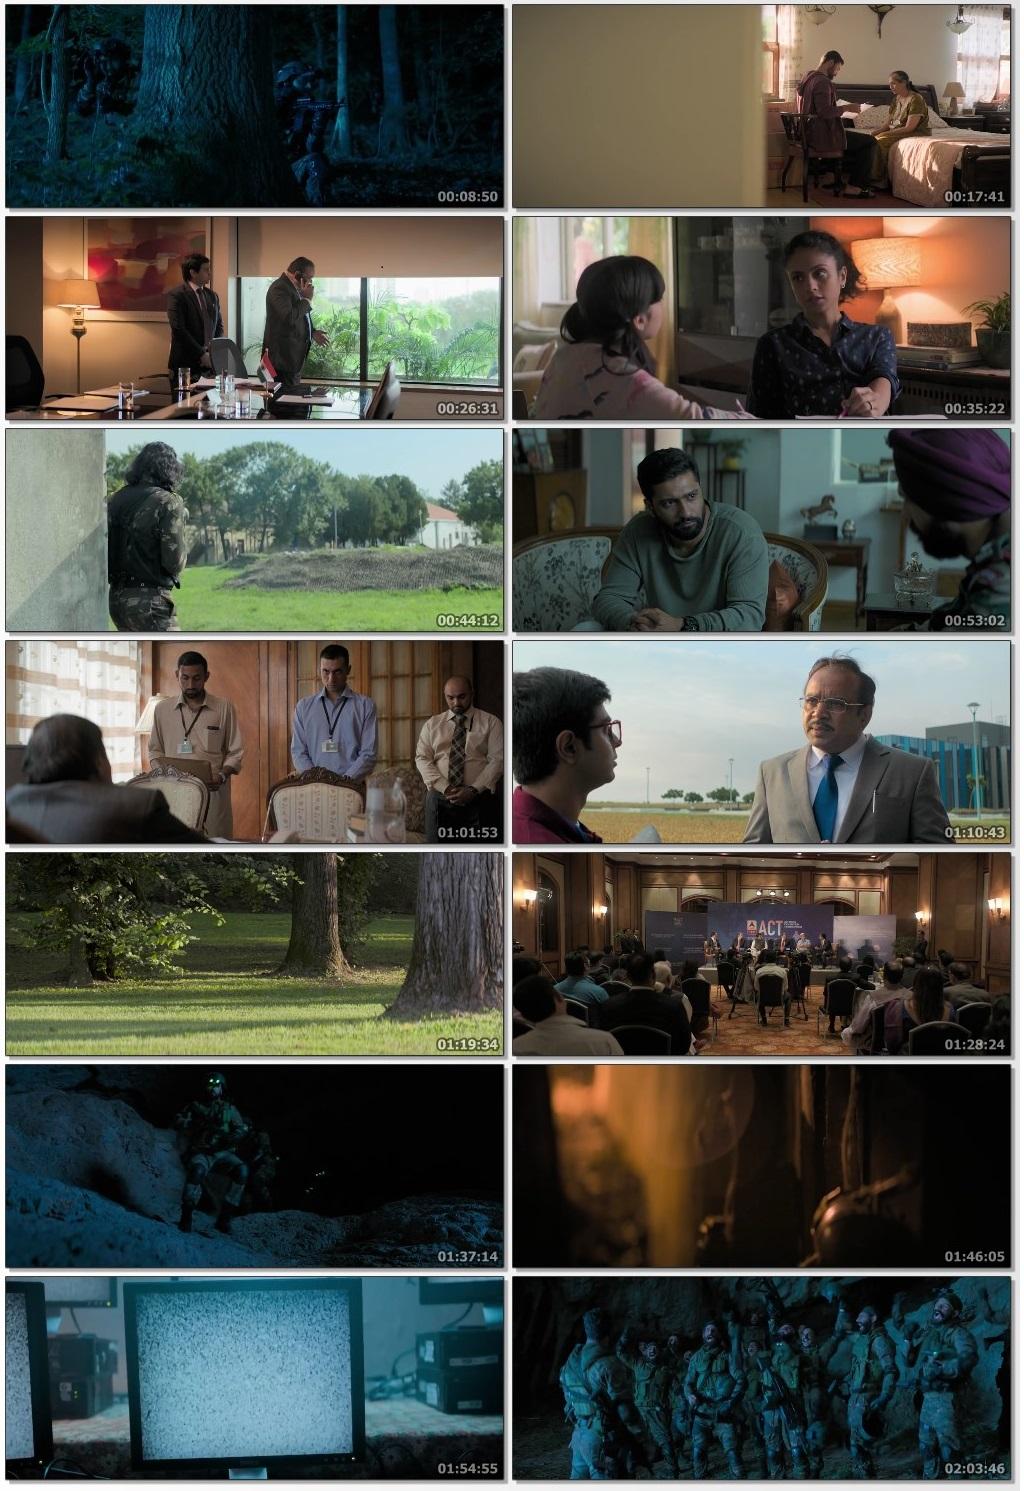 URI: The Surgical Strike Hindi Movie